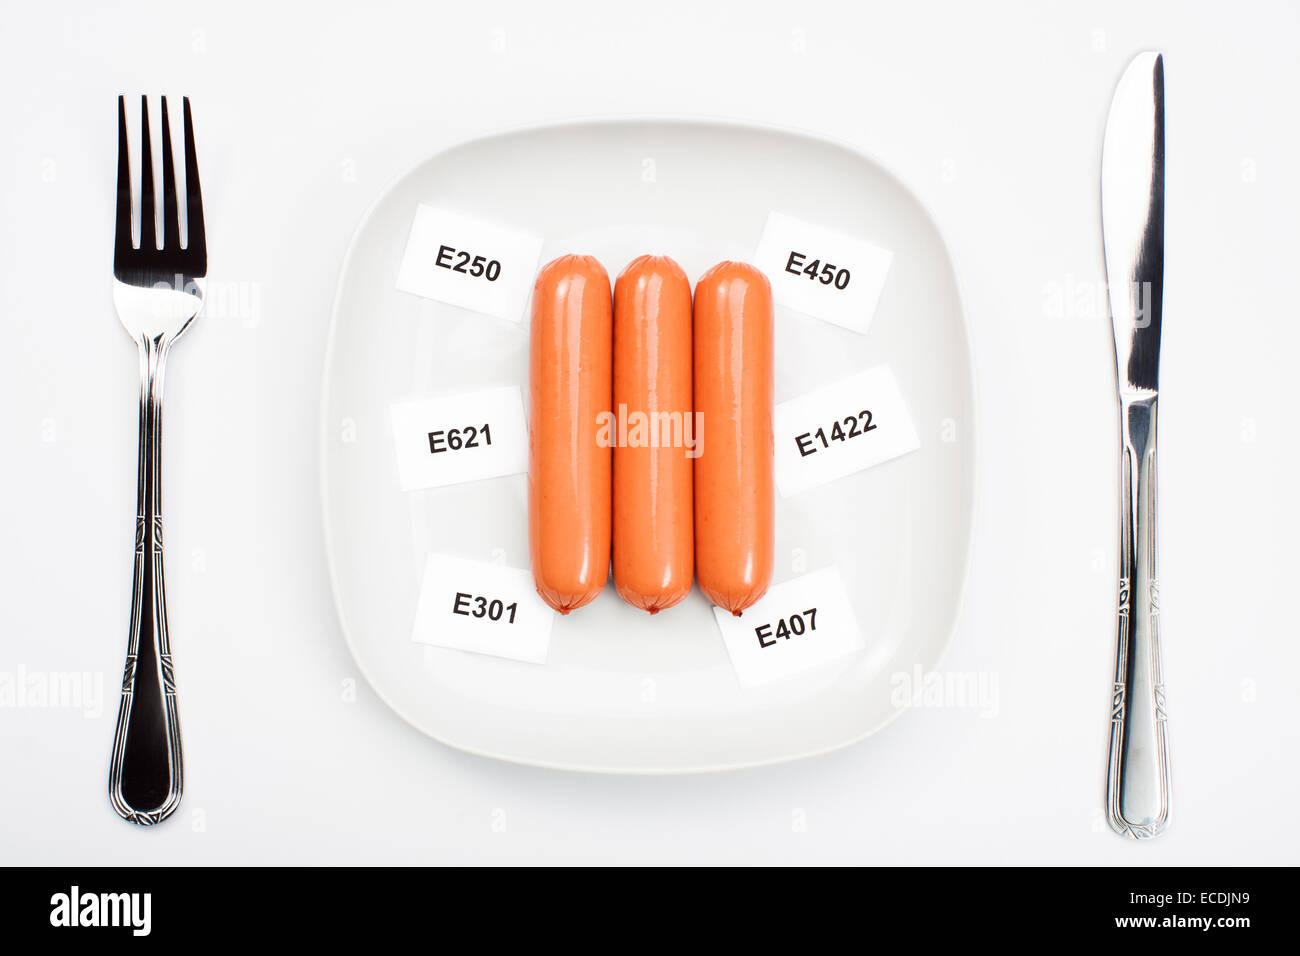 Concepto de alimentos insalubres - aditivos químicos en los alimentos. Salchichas en la placa Imagen De Stock